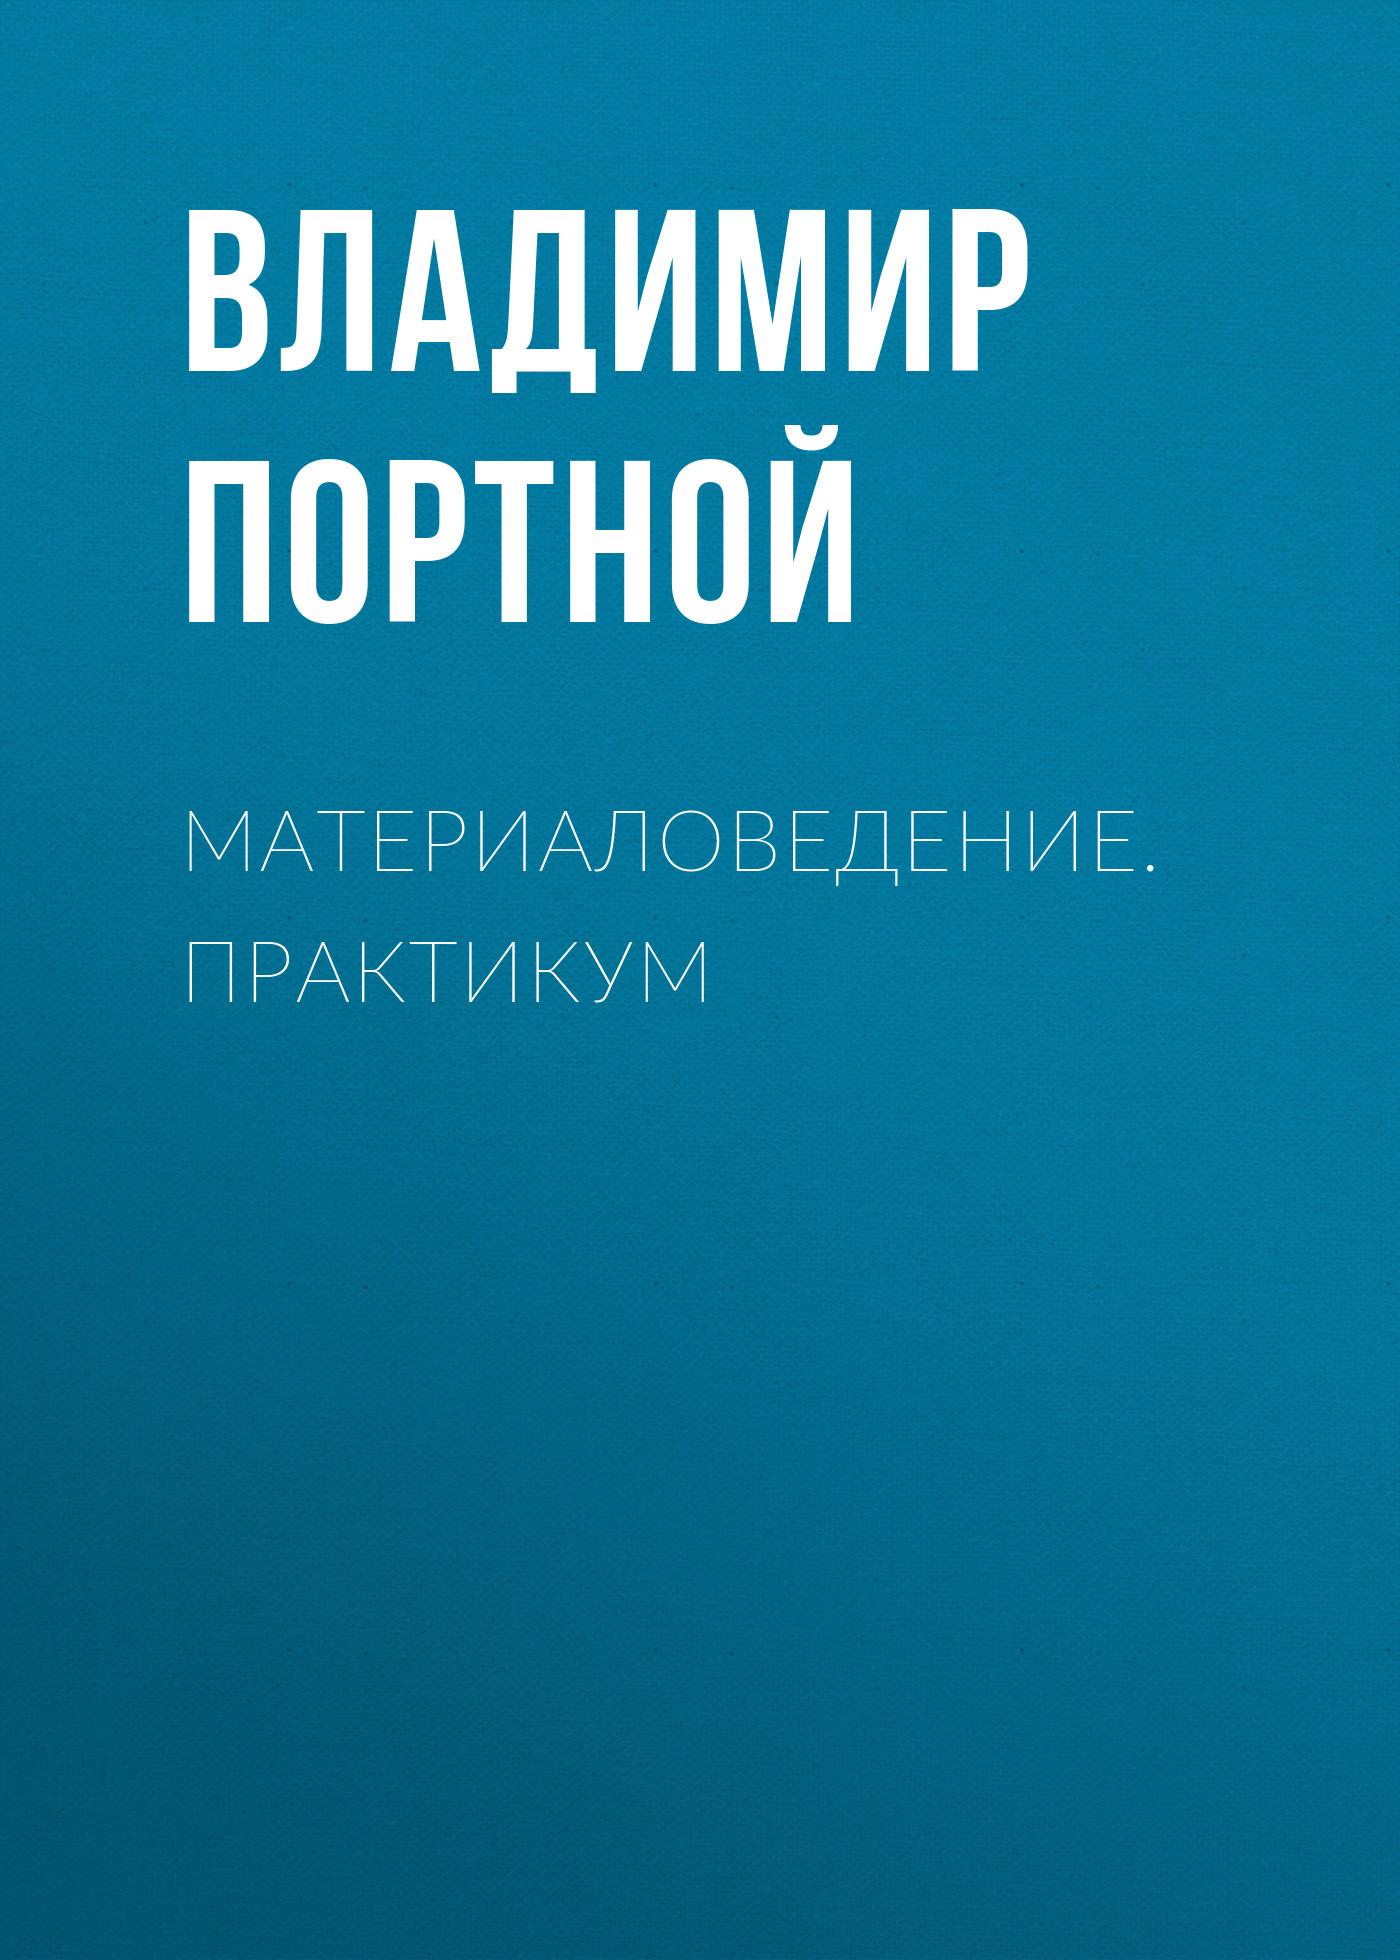 Владимир Портной Материаловедение. Практикум лабораторный набор по сопротивлению материалов